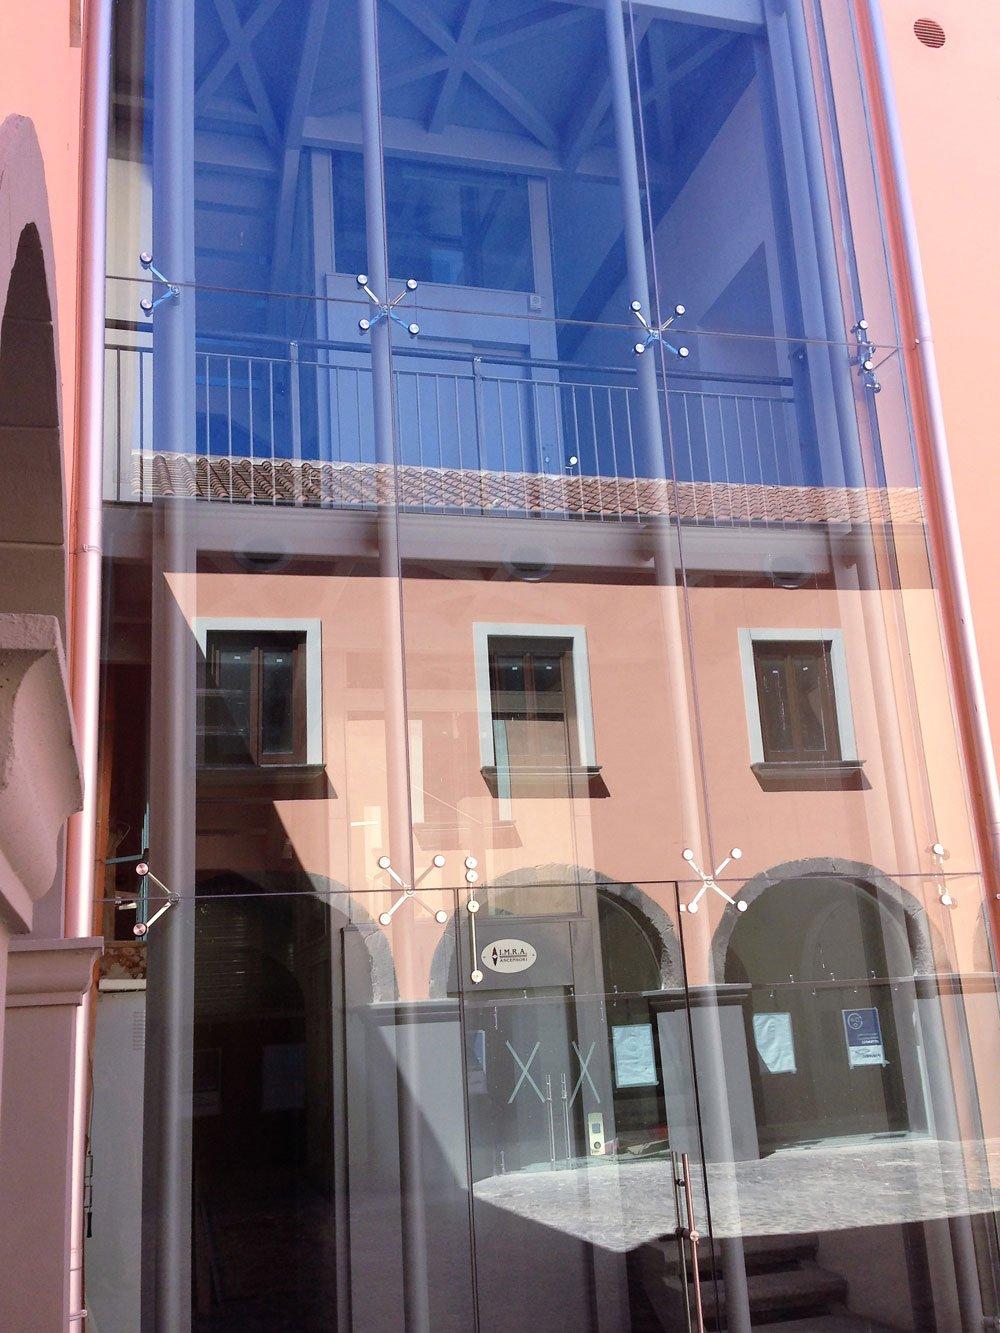 vista del vetro di un ascensore esterna e del riflesso di un condominio colo rosa